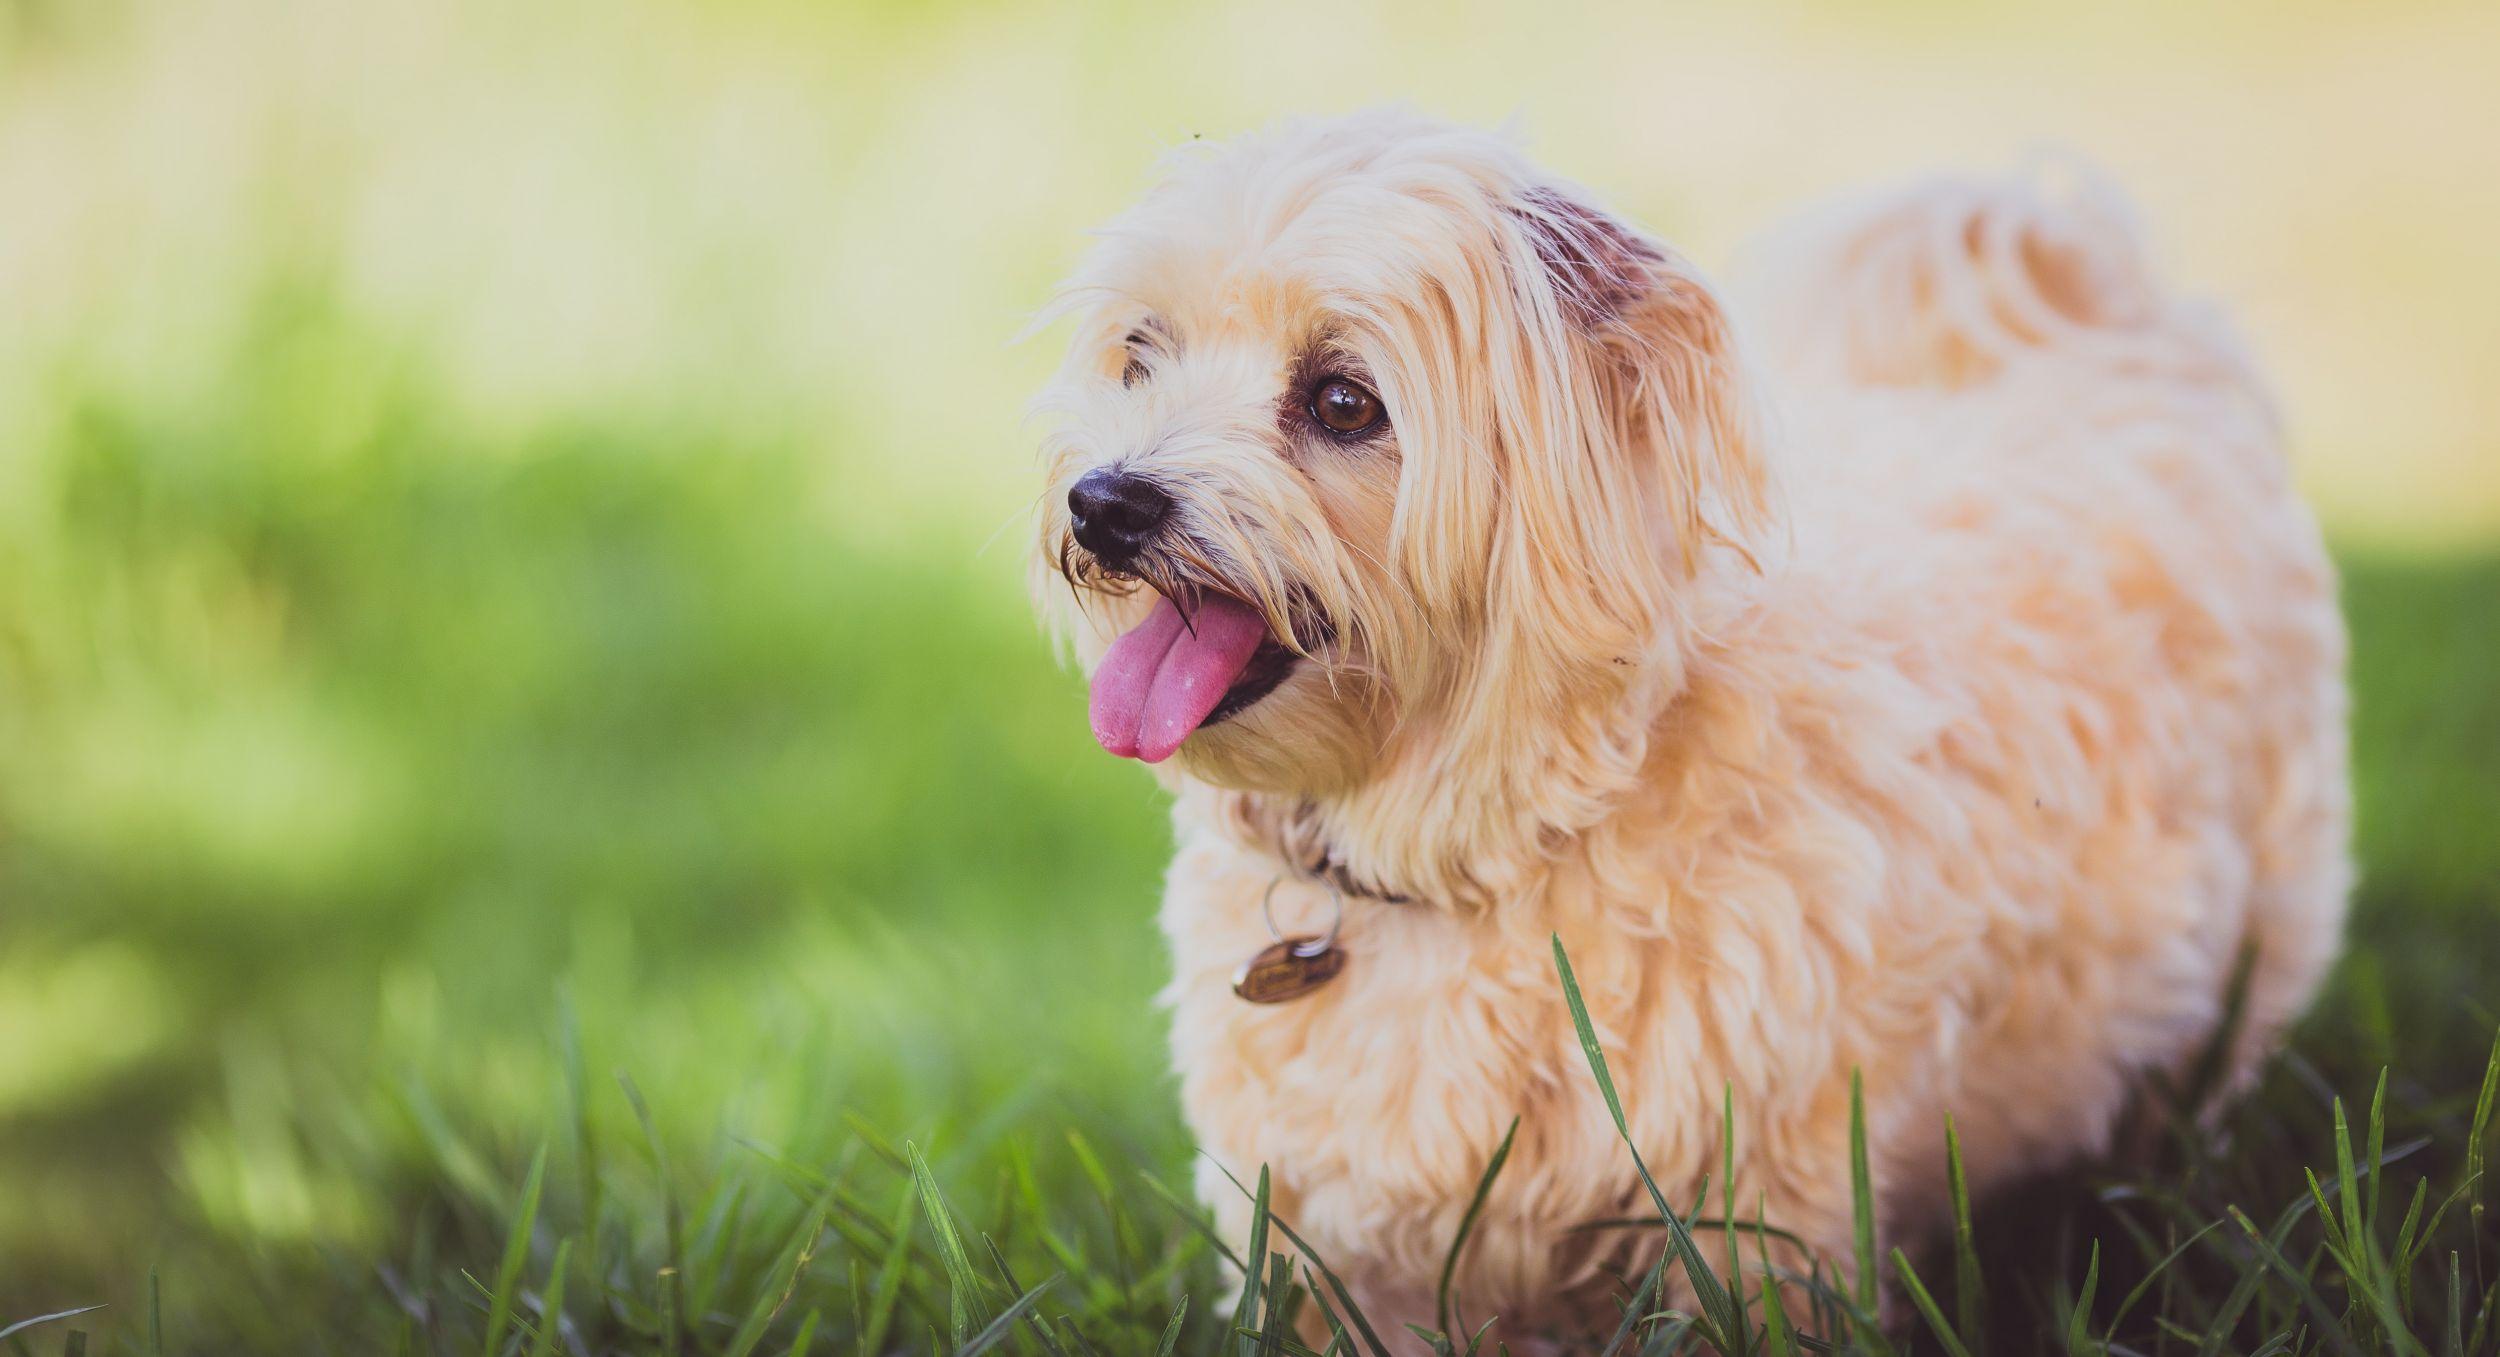 Dogilike.com :: จัดอันดับ 5 น้องหมาตัวเล็กแต่ใจกล้า น่ารักน่าเลี้ยง